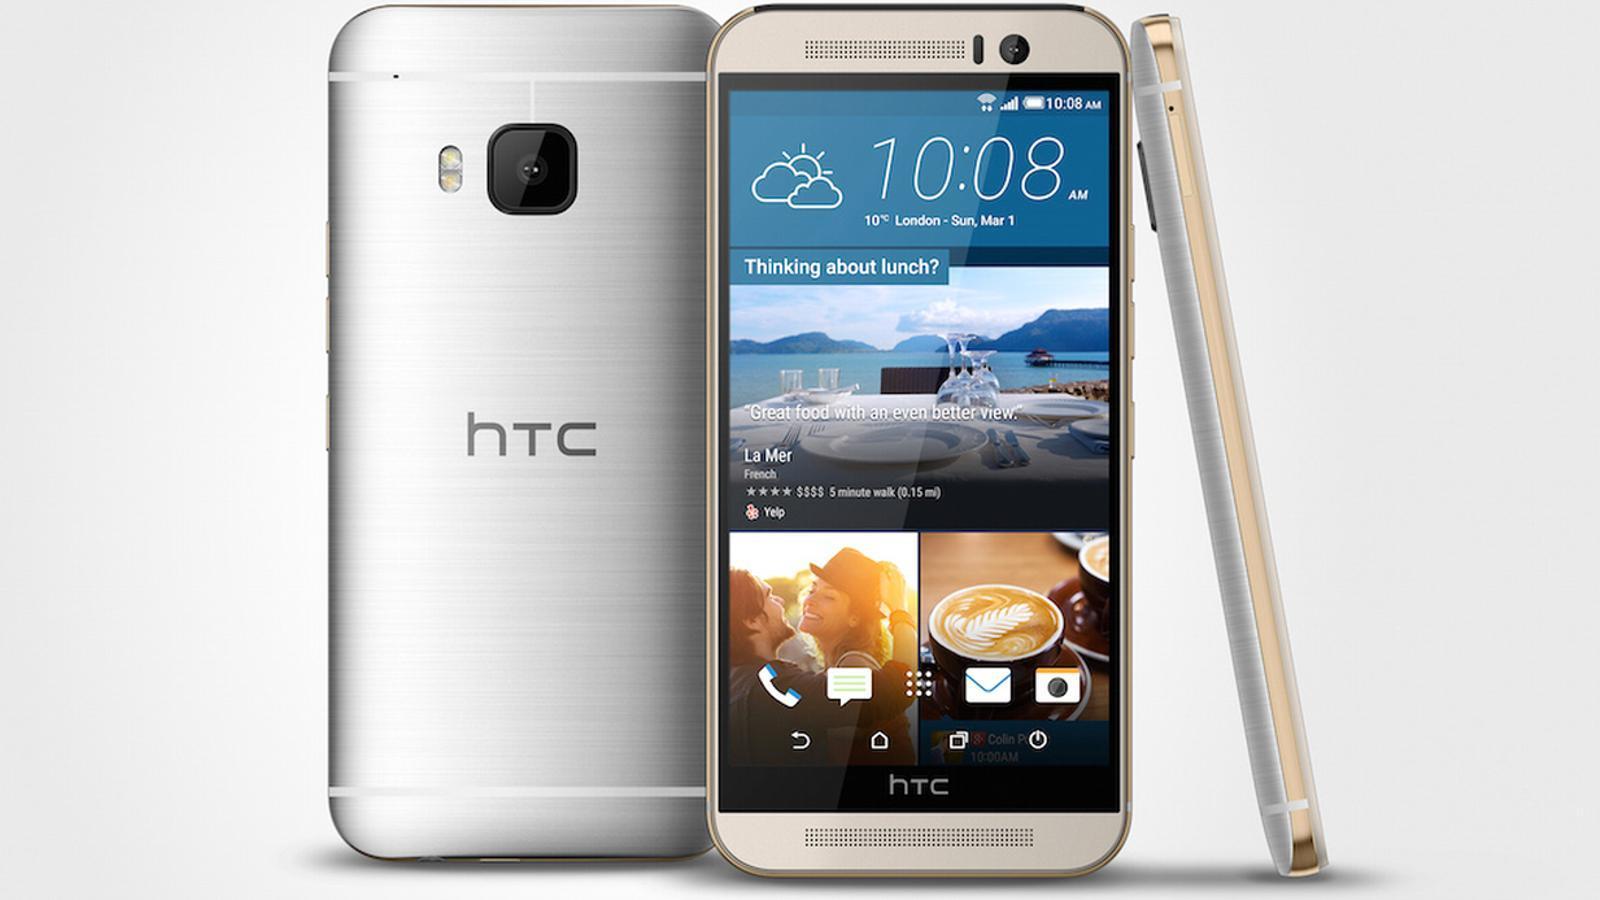 Google compra part del negoci de mòbils d'HTC per 1.100 milions de dòlars